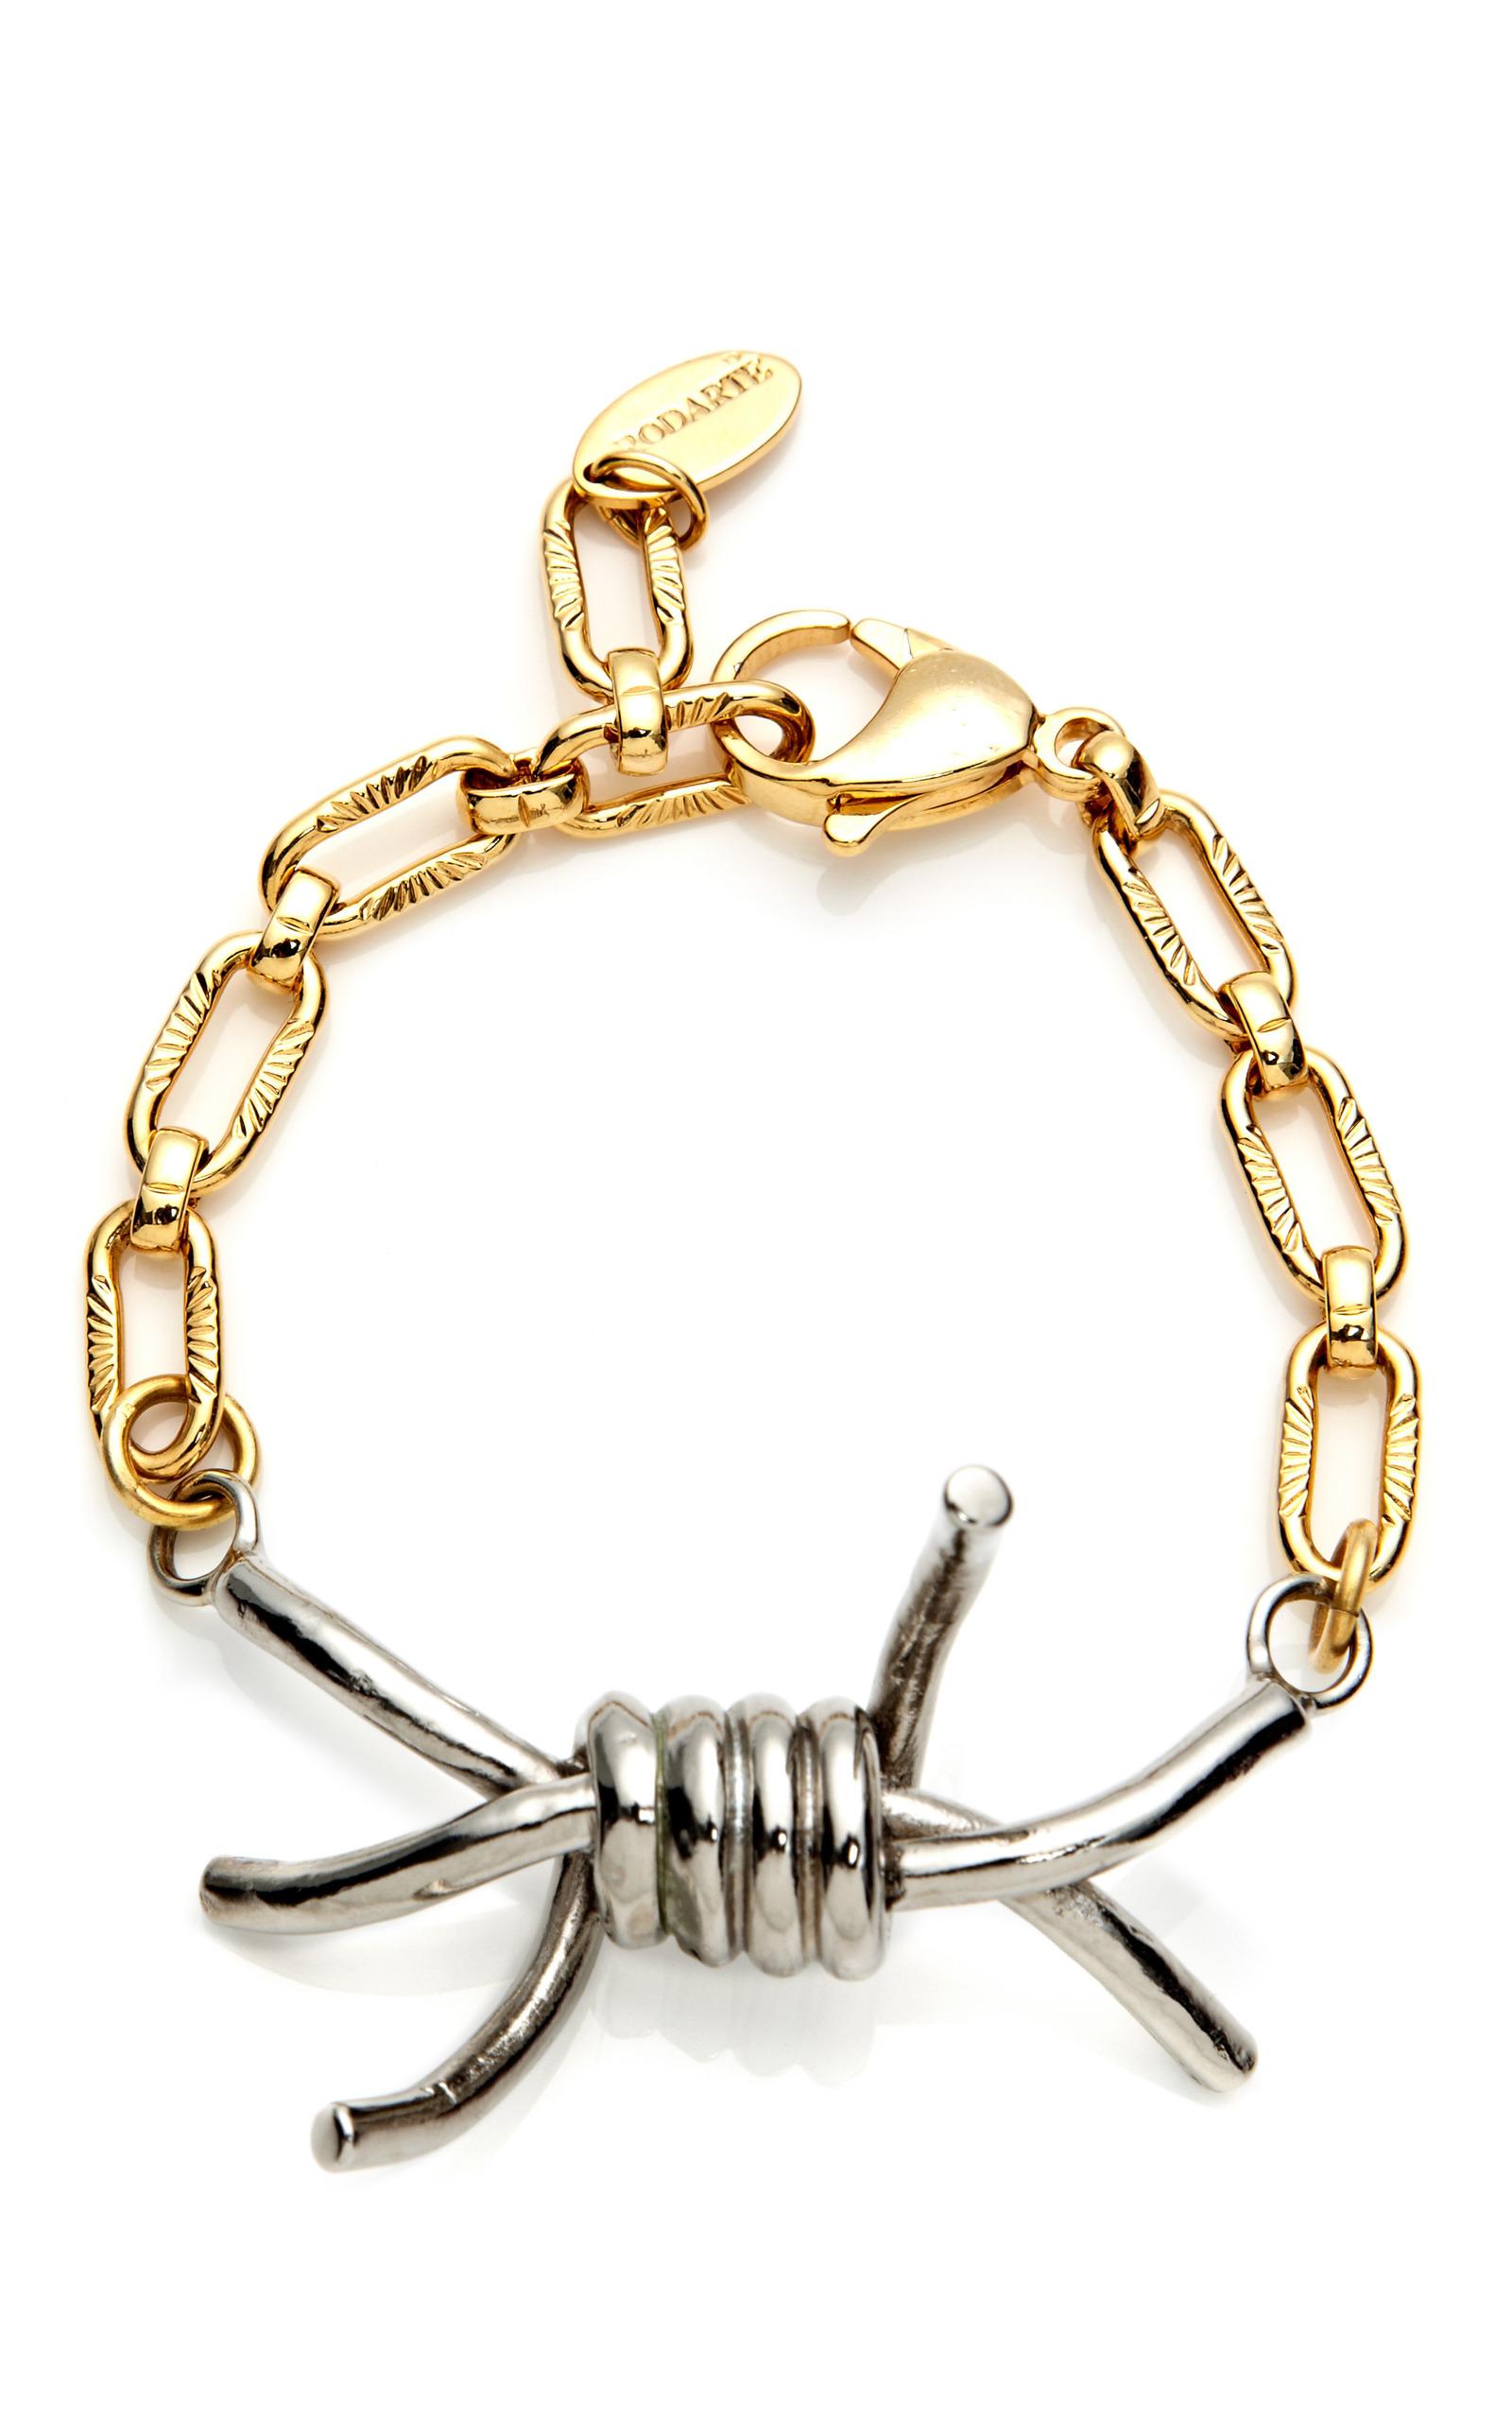 Silver & Gold Barbed Wire Bracelet by Rodarte | Moda Operandi